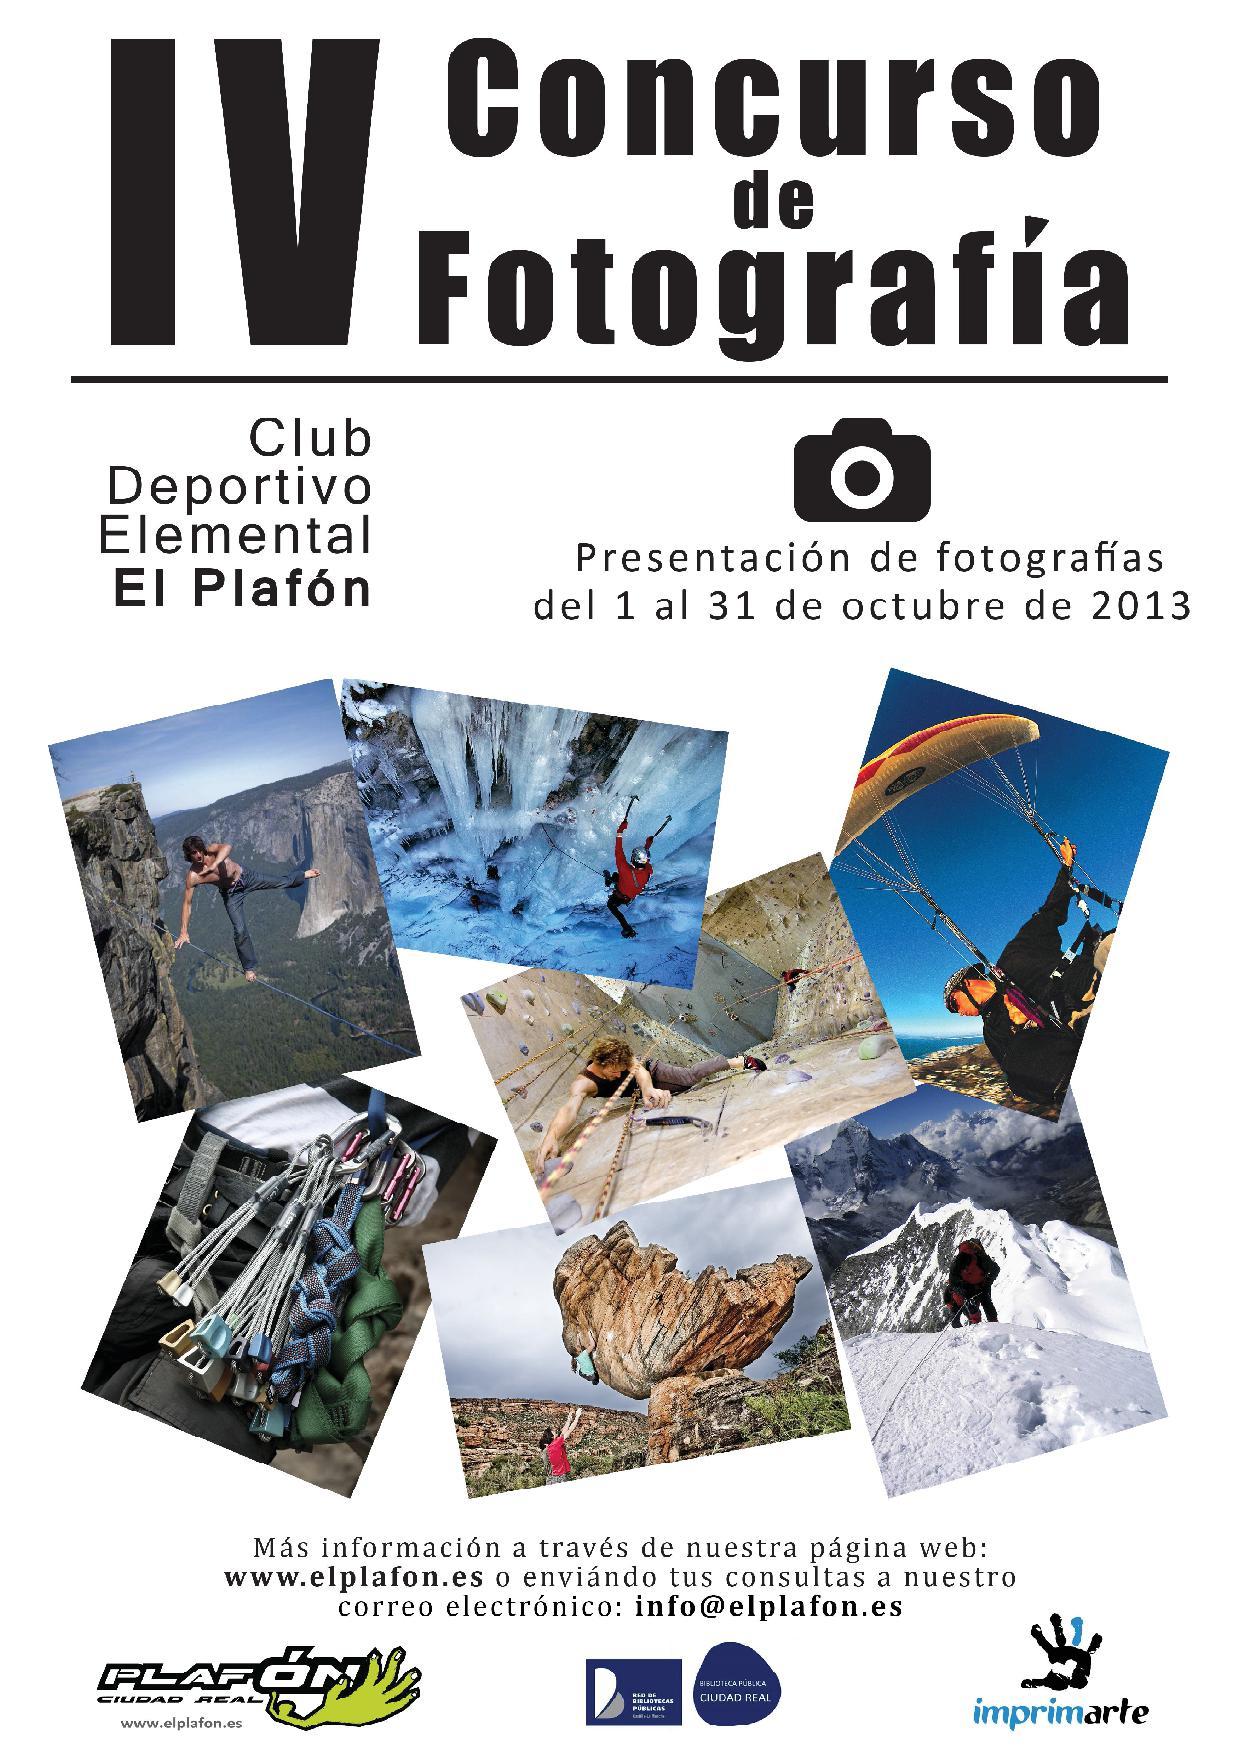 Cartel concurso fotografía El Plafon 2013